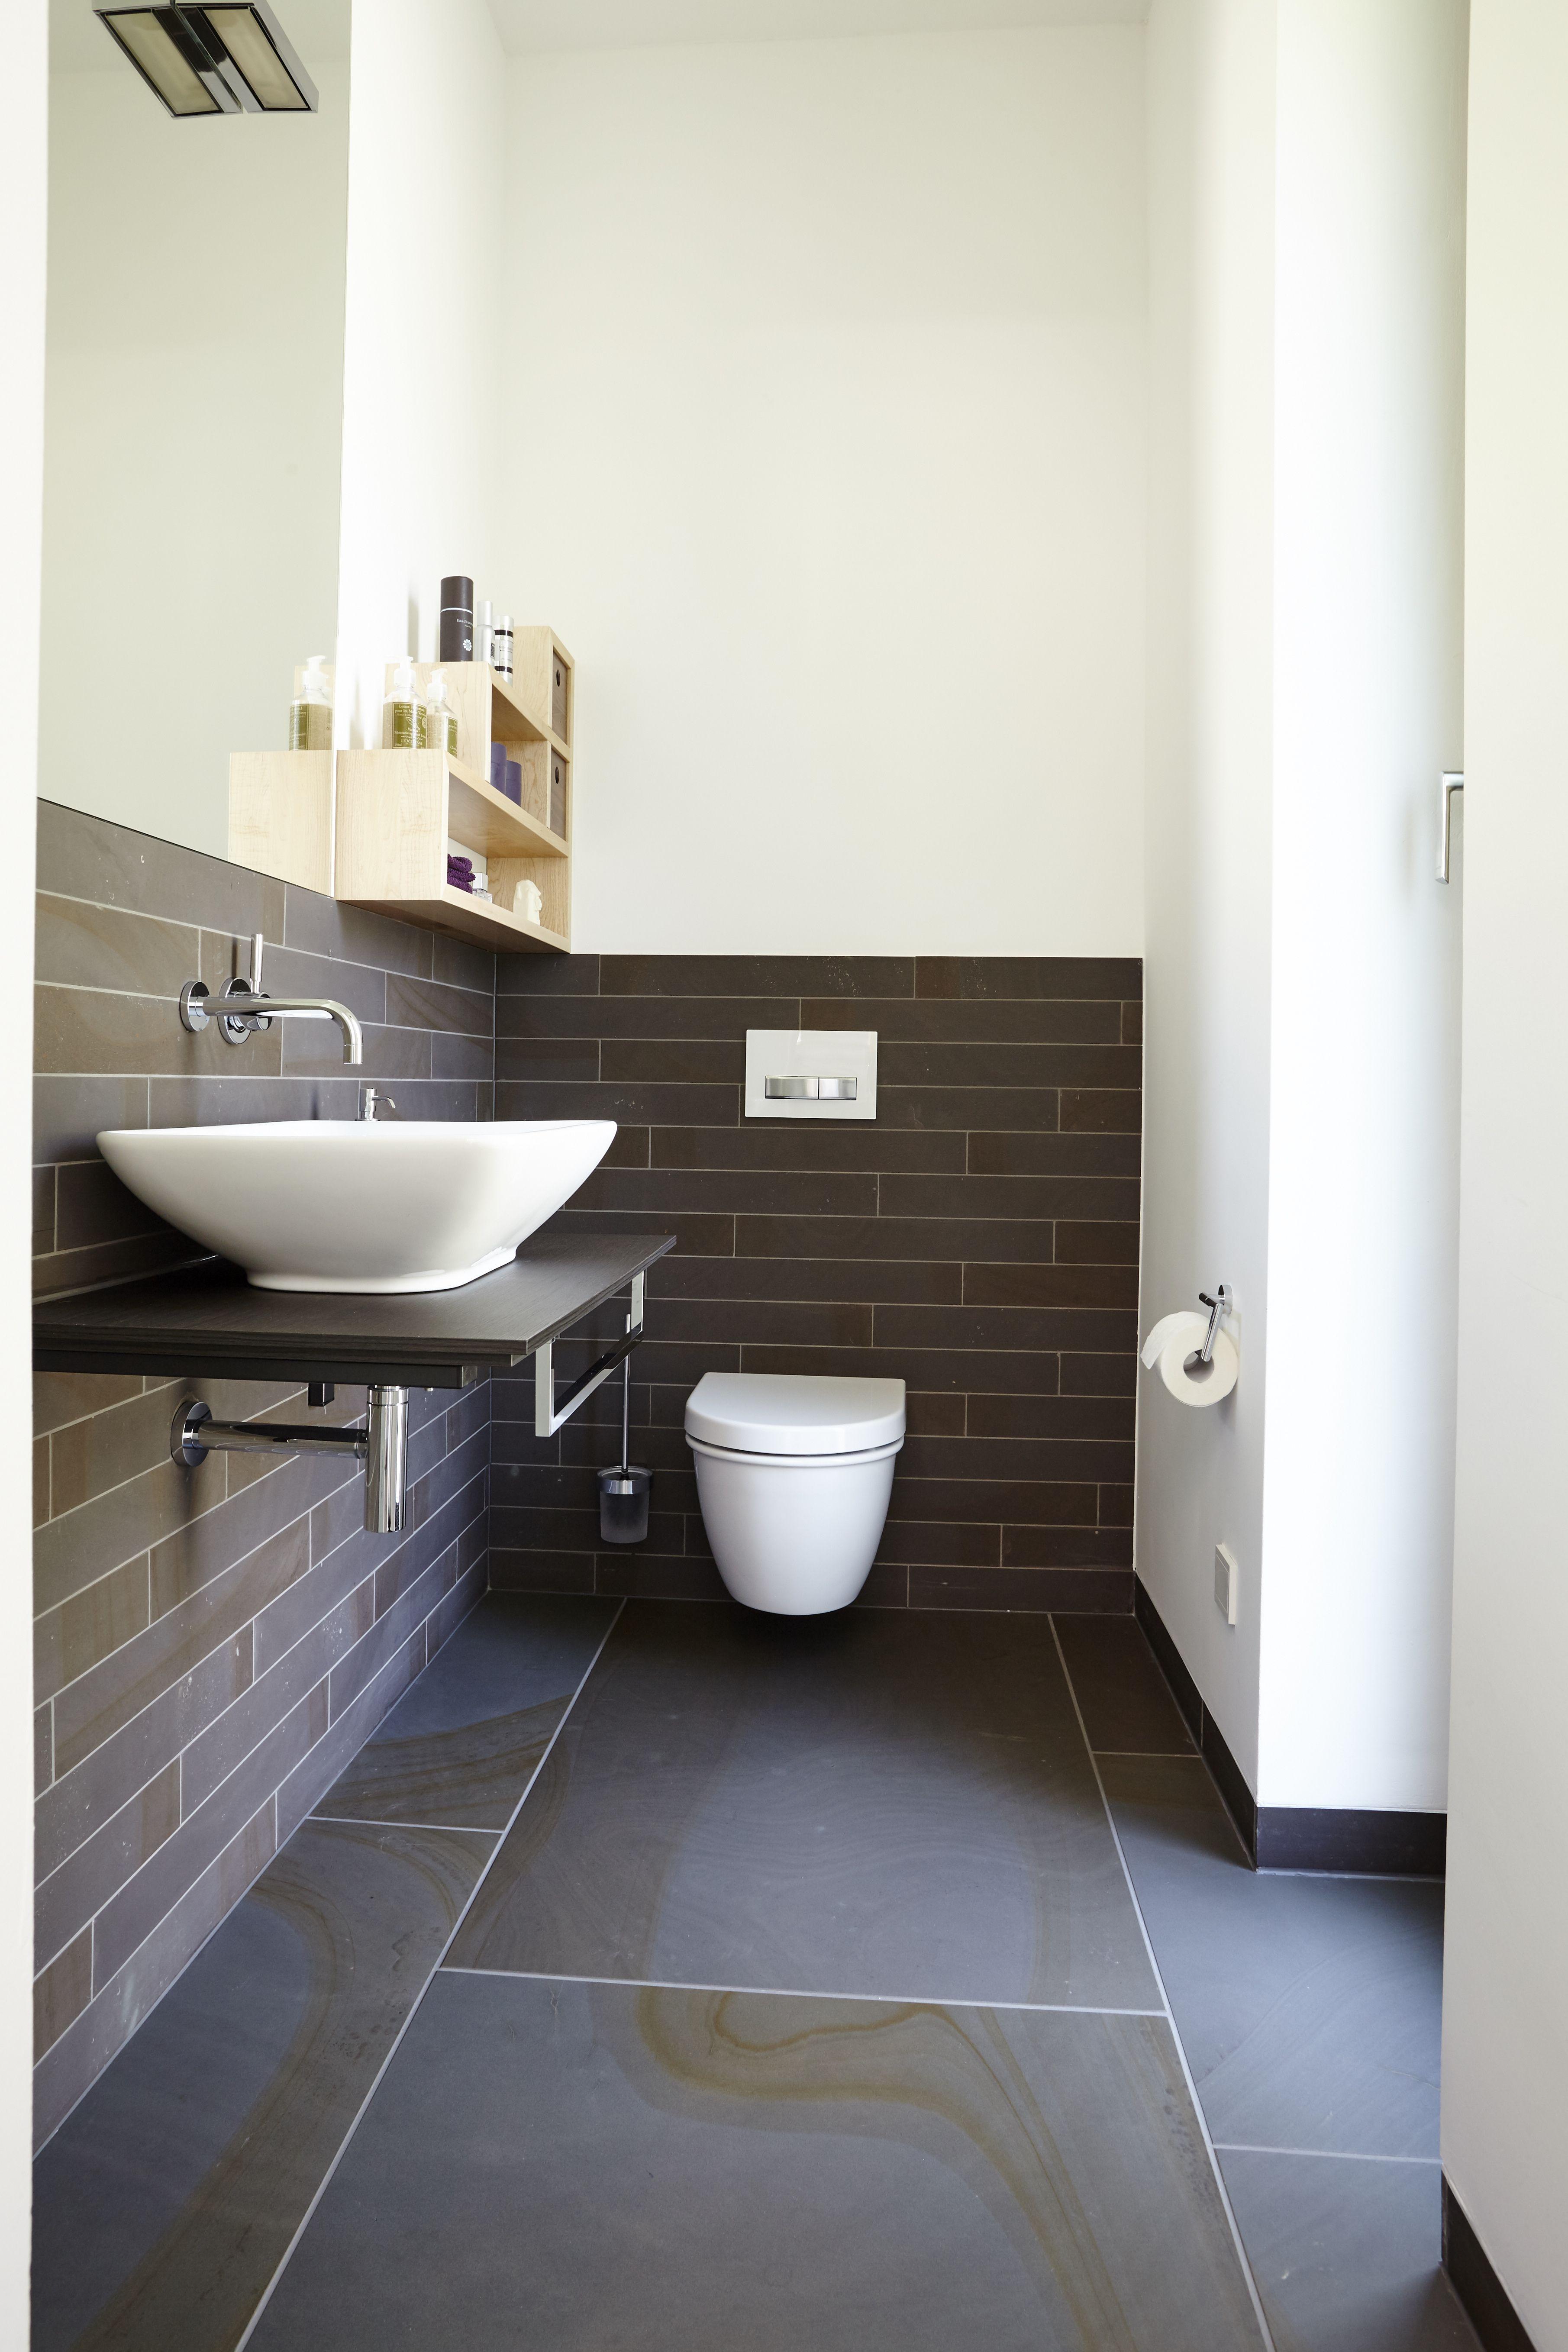 Hochwertige Badezimmer Ausstattung Aus Naturstein Von Rheingrun Gartengestaltung Exklusives Und Modernes Design Badezimmerboden Badezimmer Boden Baden